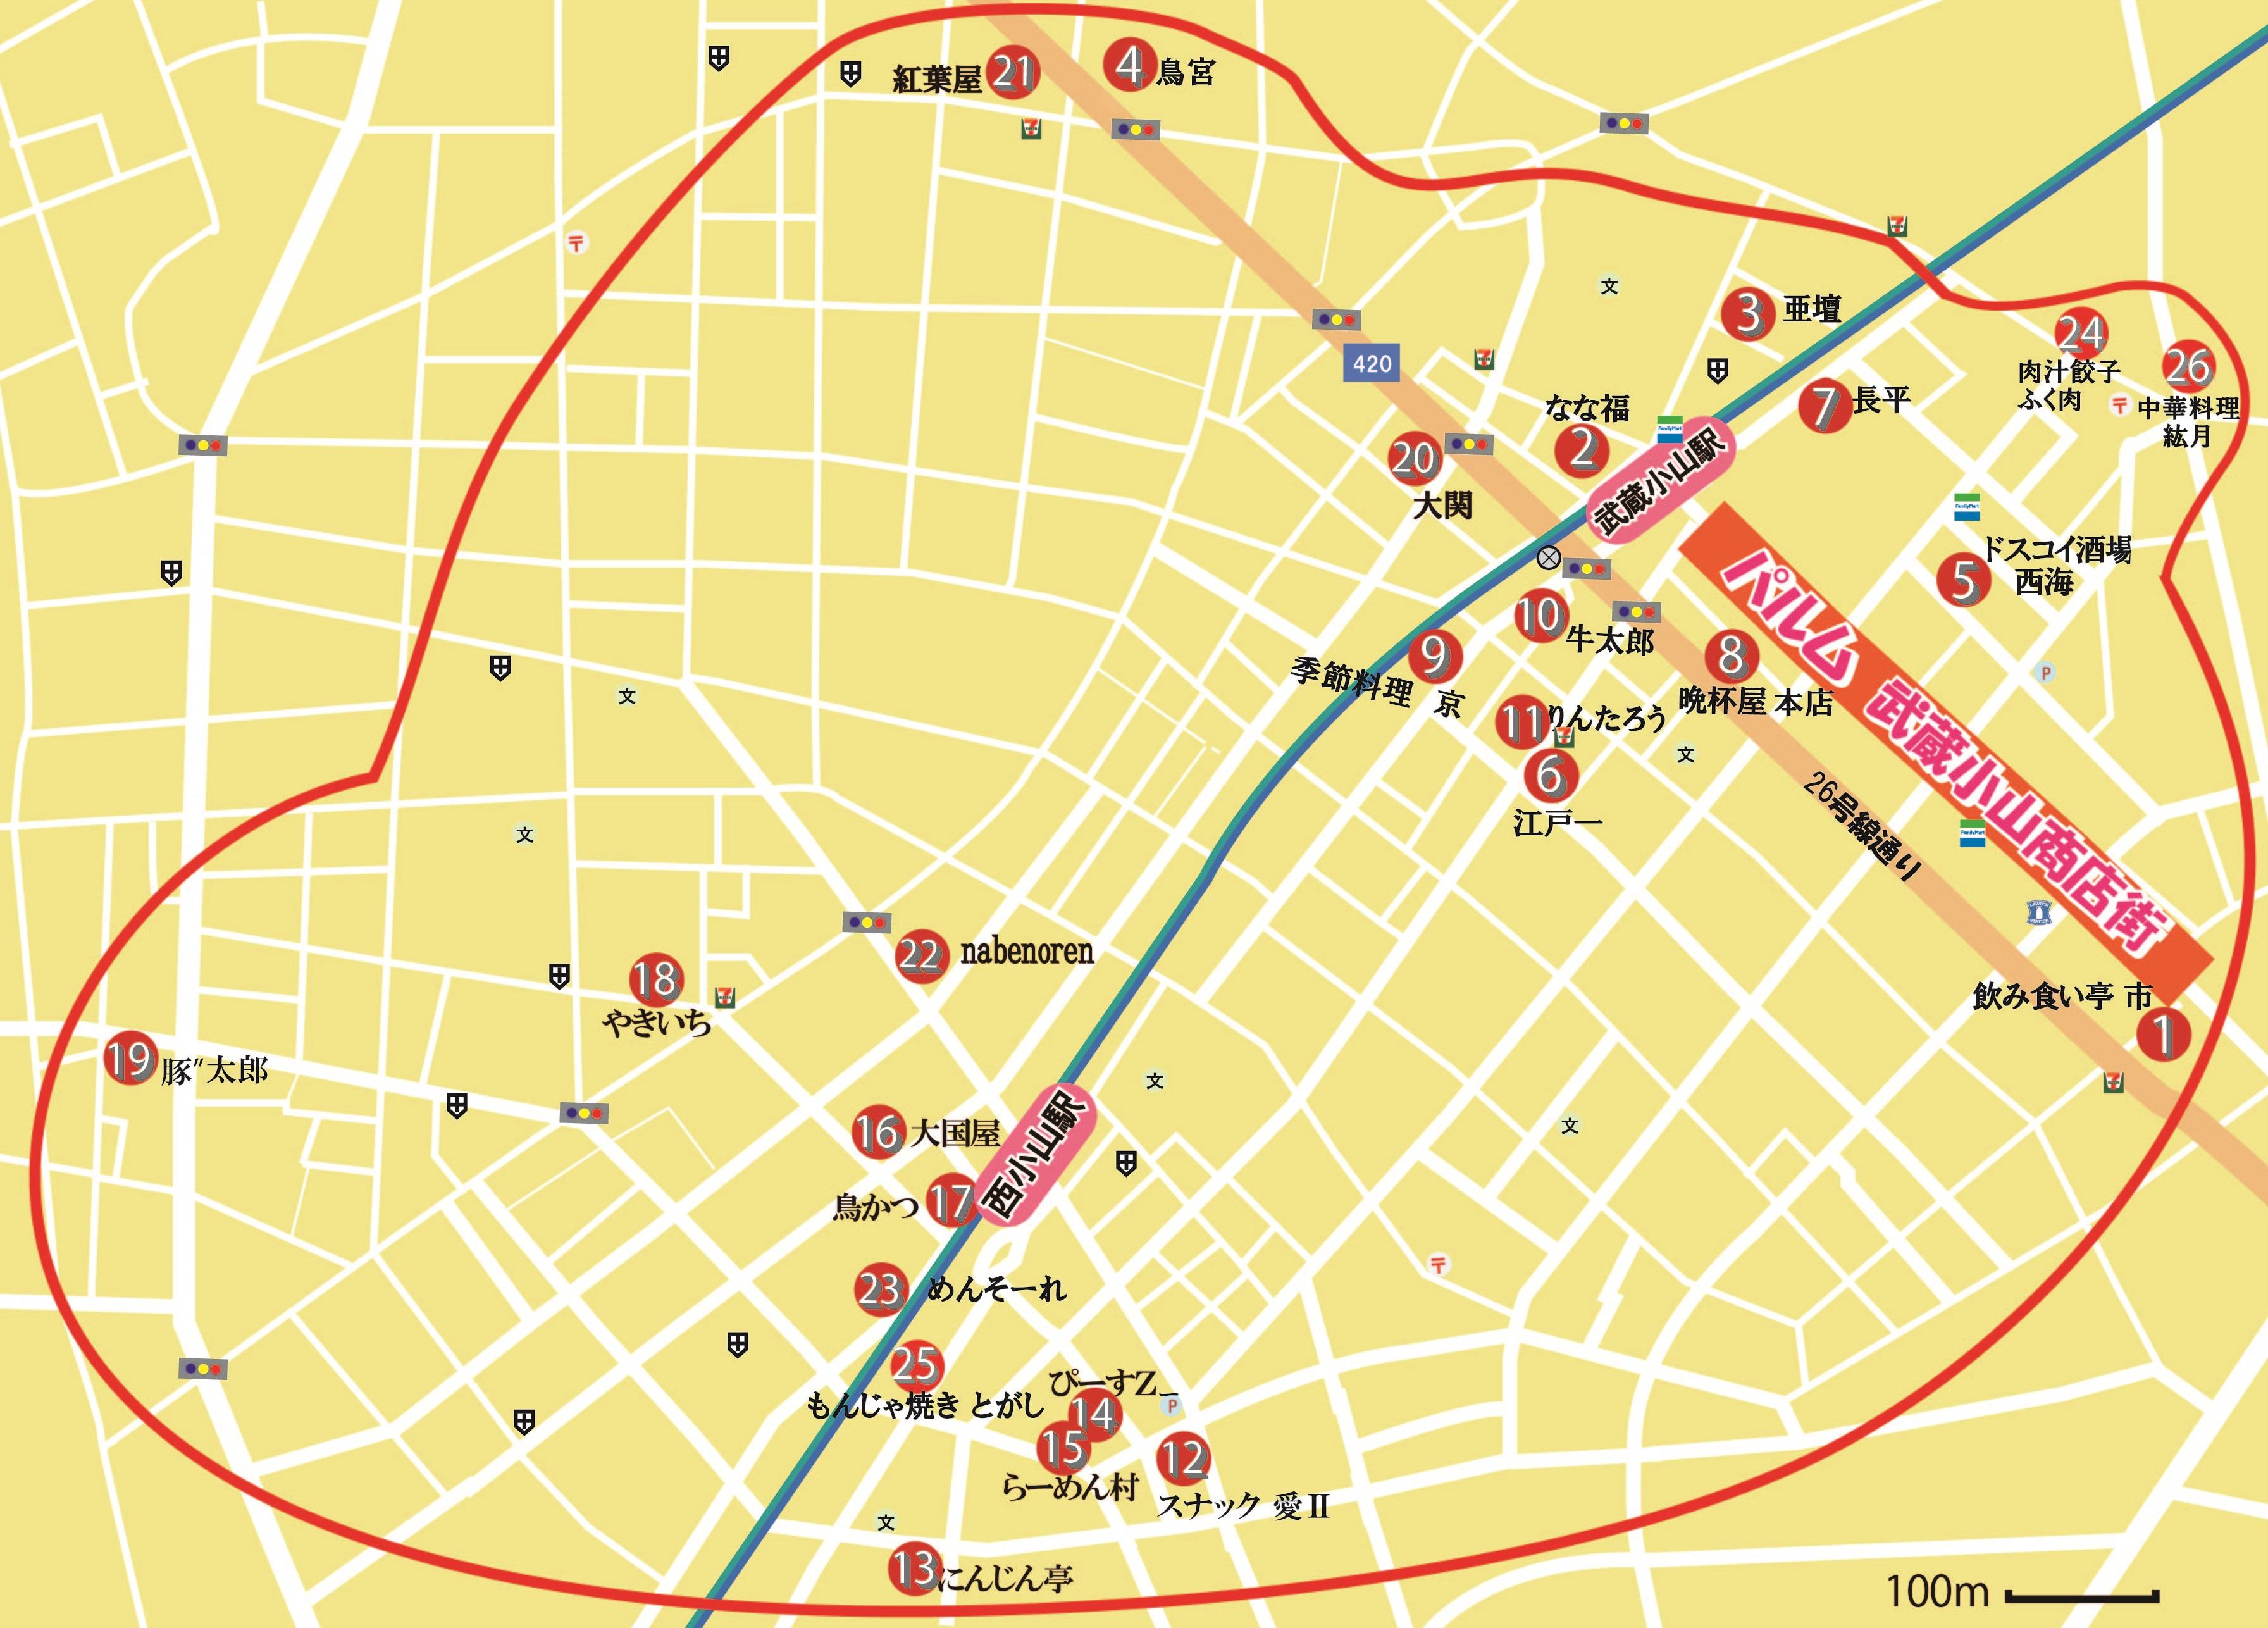 20170602_ハイサワー特区地図追加-01